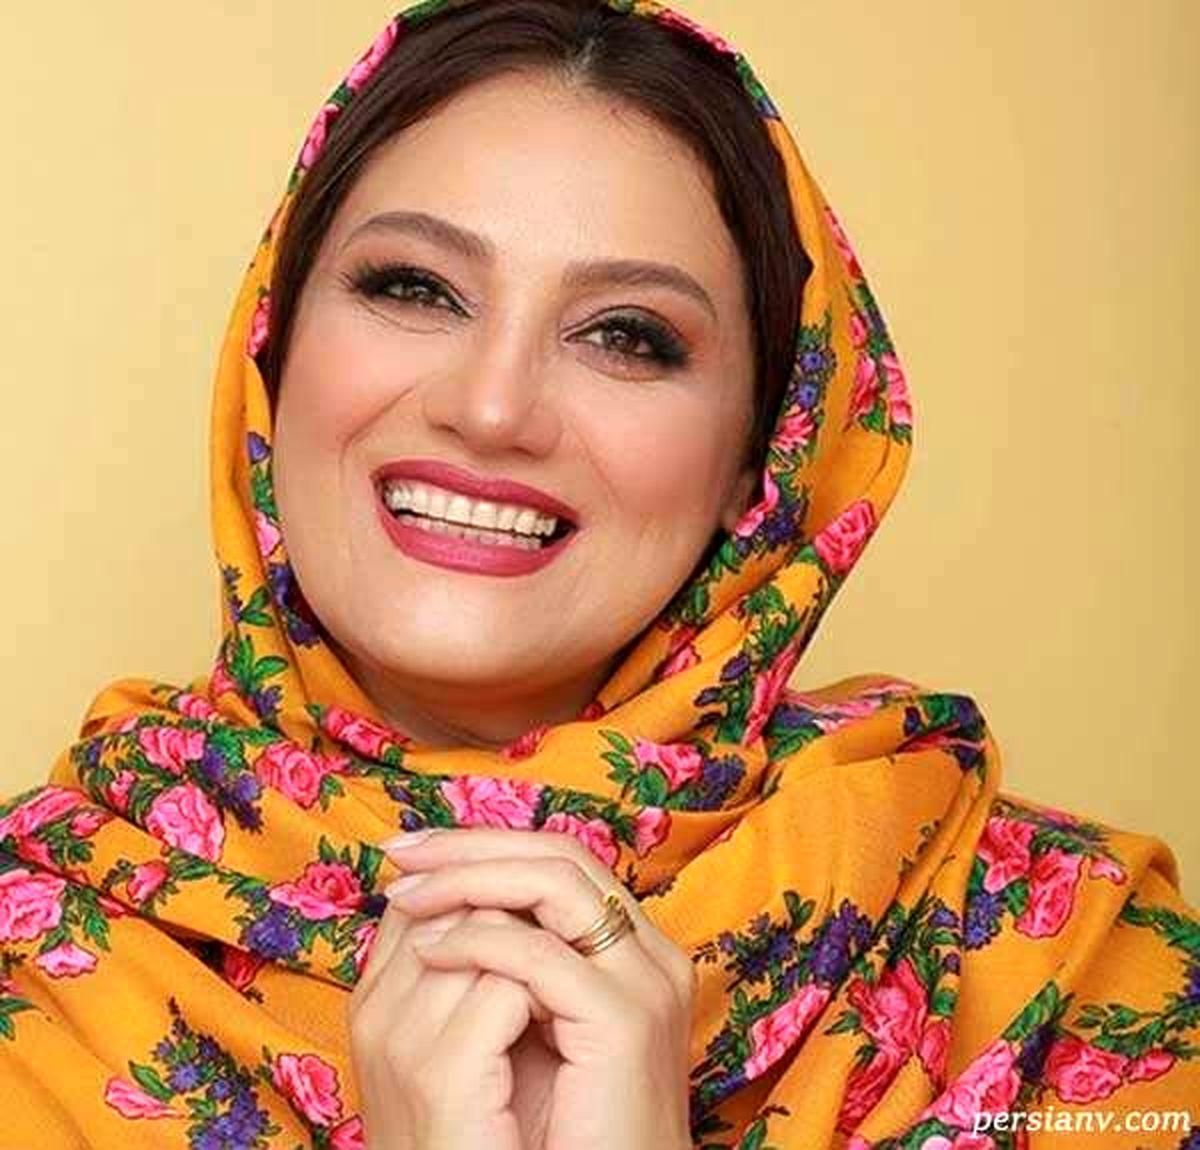 عکس لورفته از مادر شوهر نگار جواهریان در سریال خاتون   بیوگرافی شبنم مقدمی